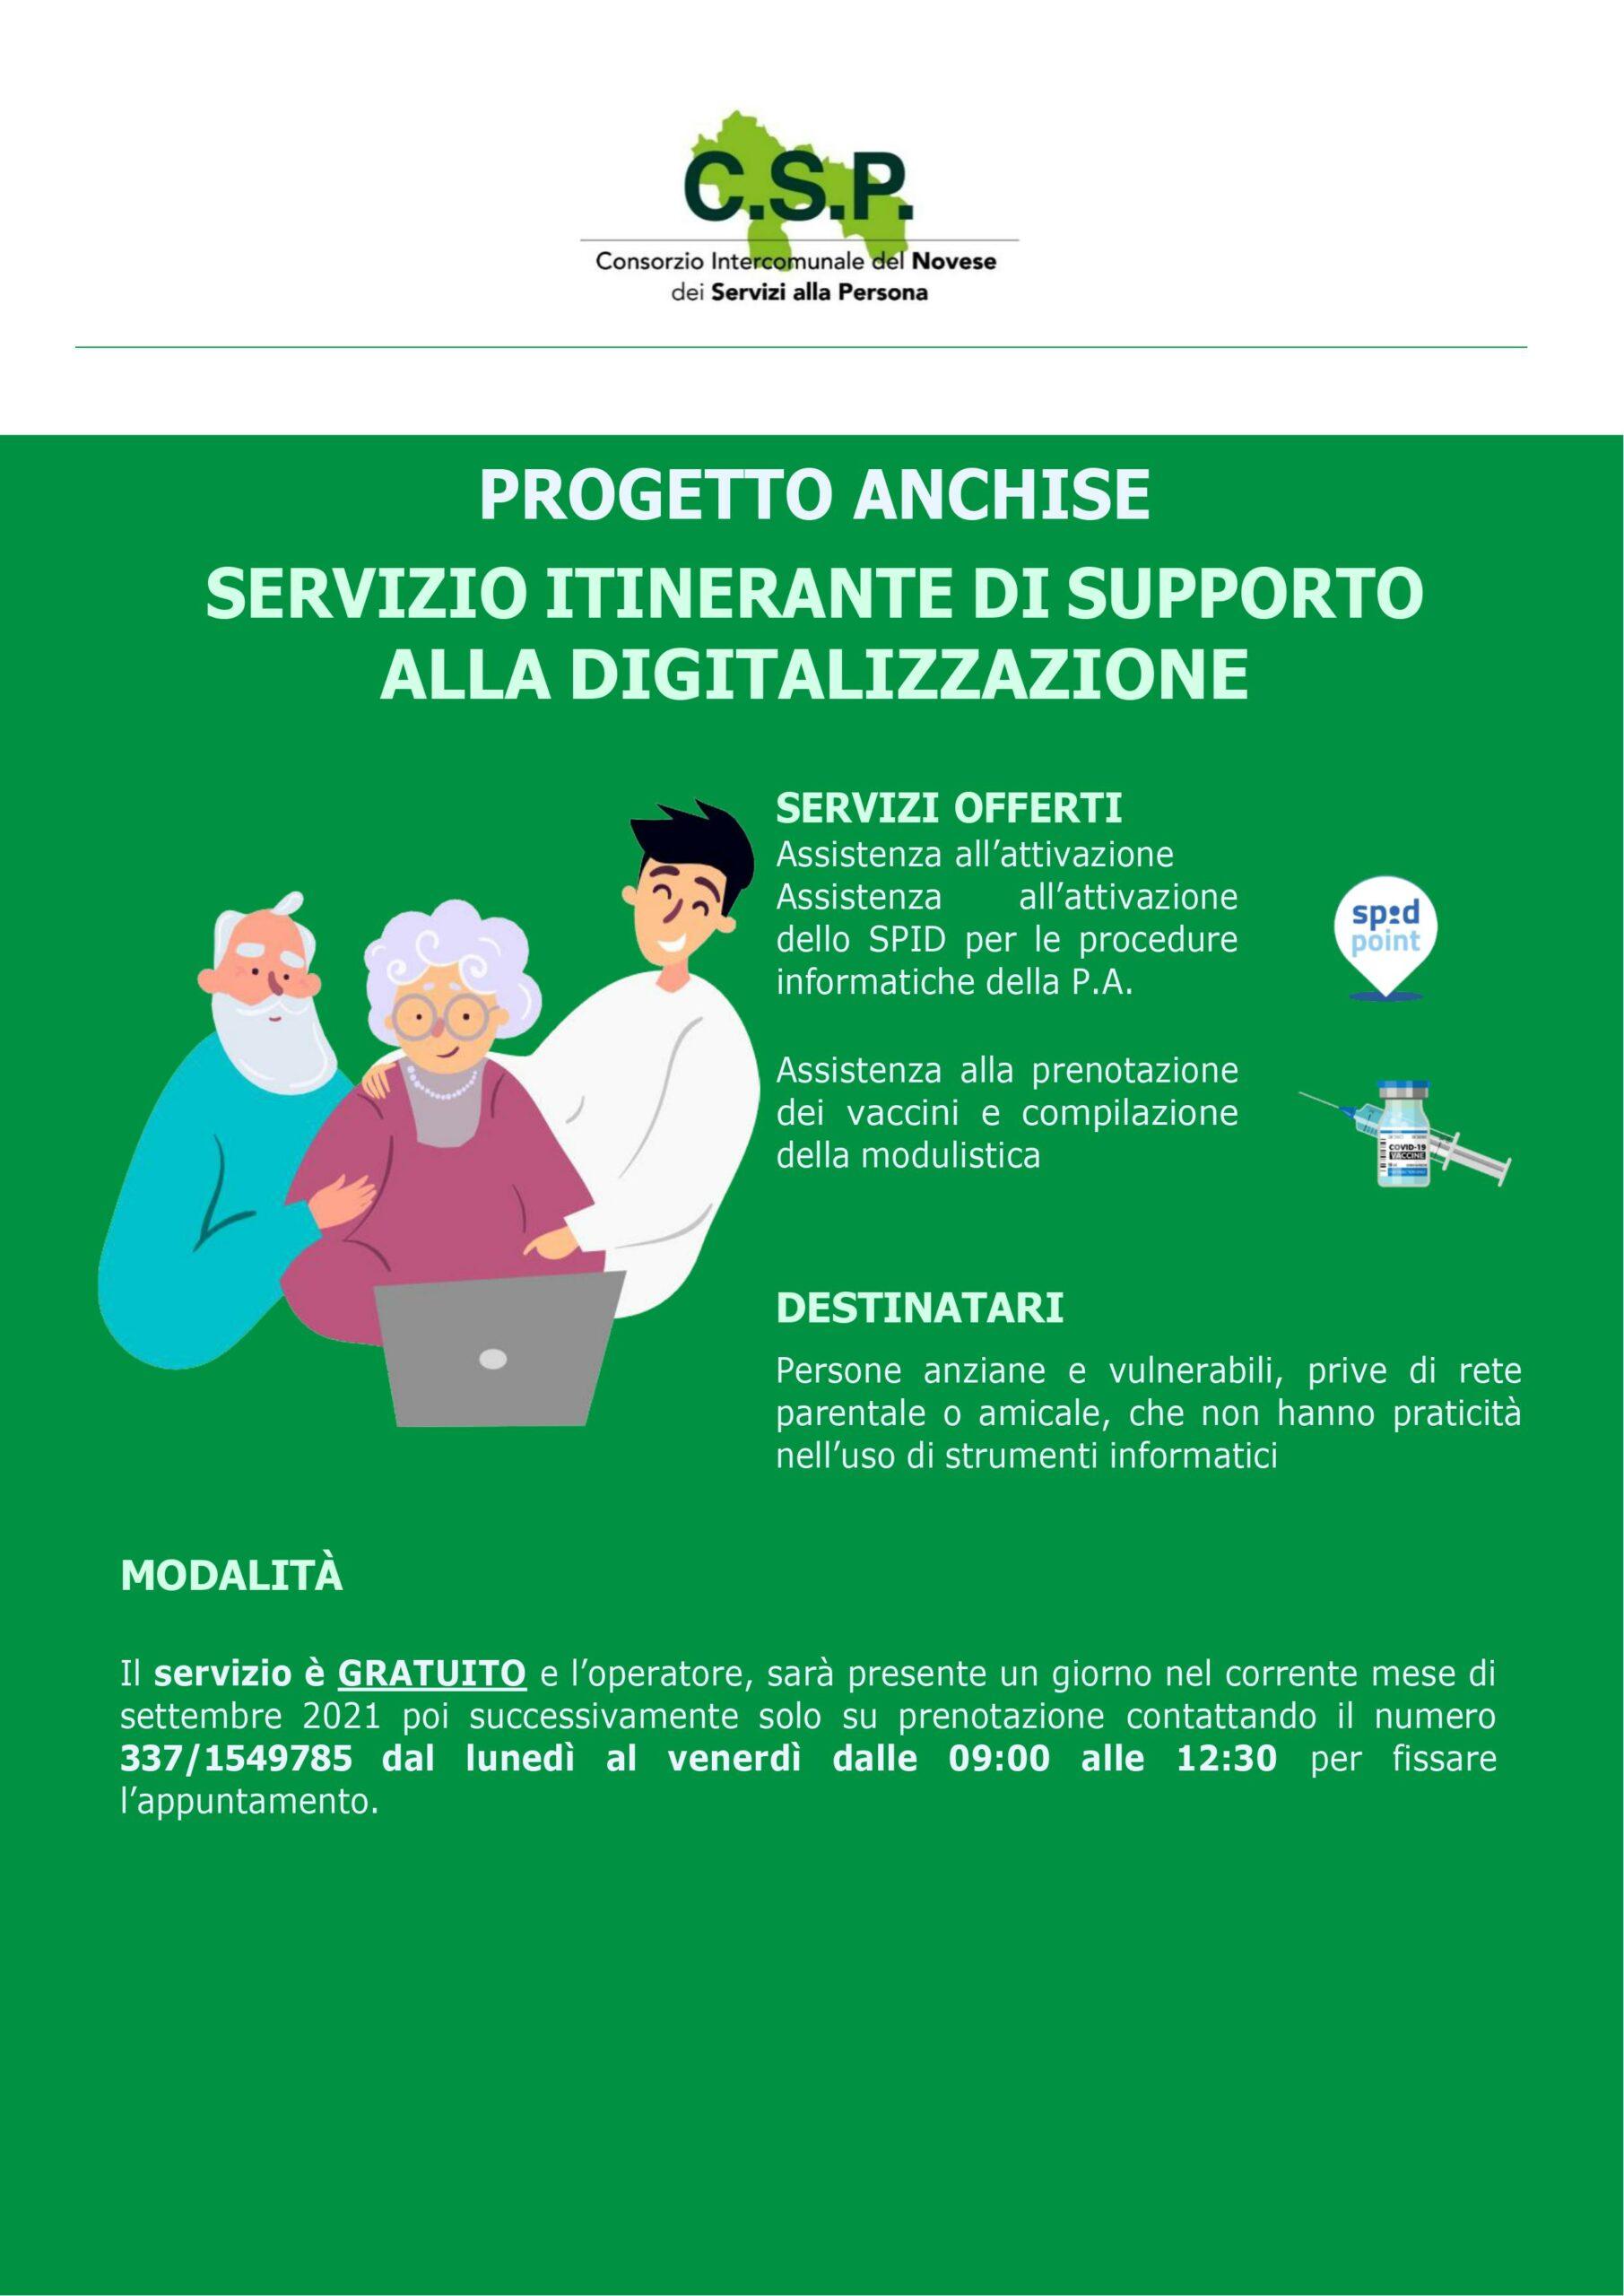 Progetto ANCHISE – Servizio itinerante di supporto alla digitalizzazione